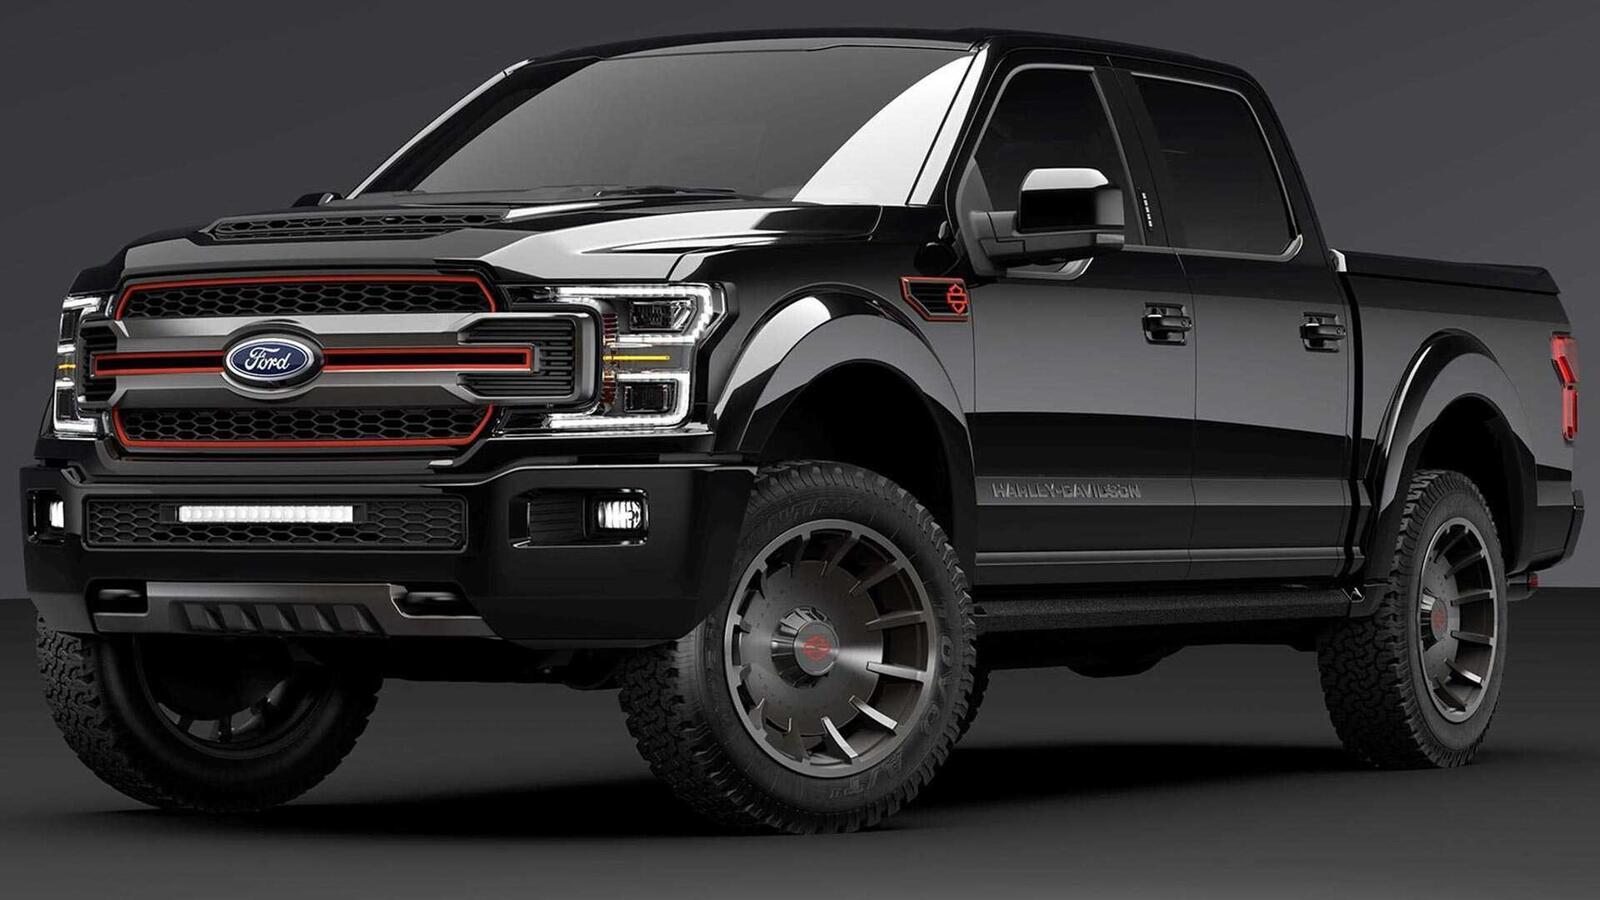 Bán tải Ford F-150 độ bởi hãng mô tô Harley-Davidson có giá bán từ 97.000 USD tại Mỹ - Hình 2